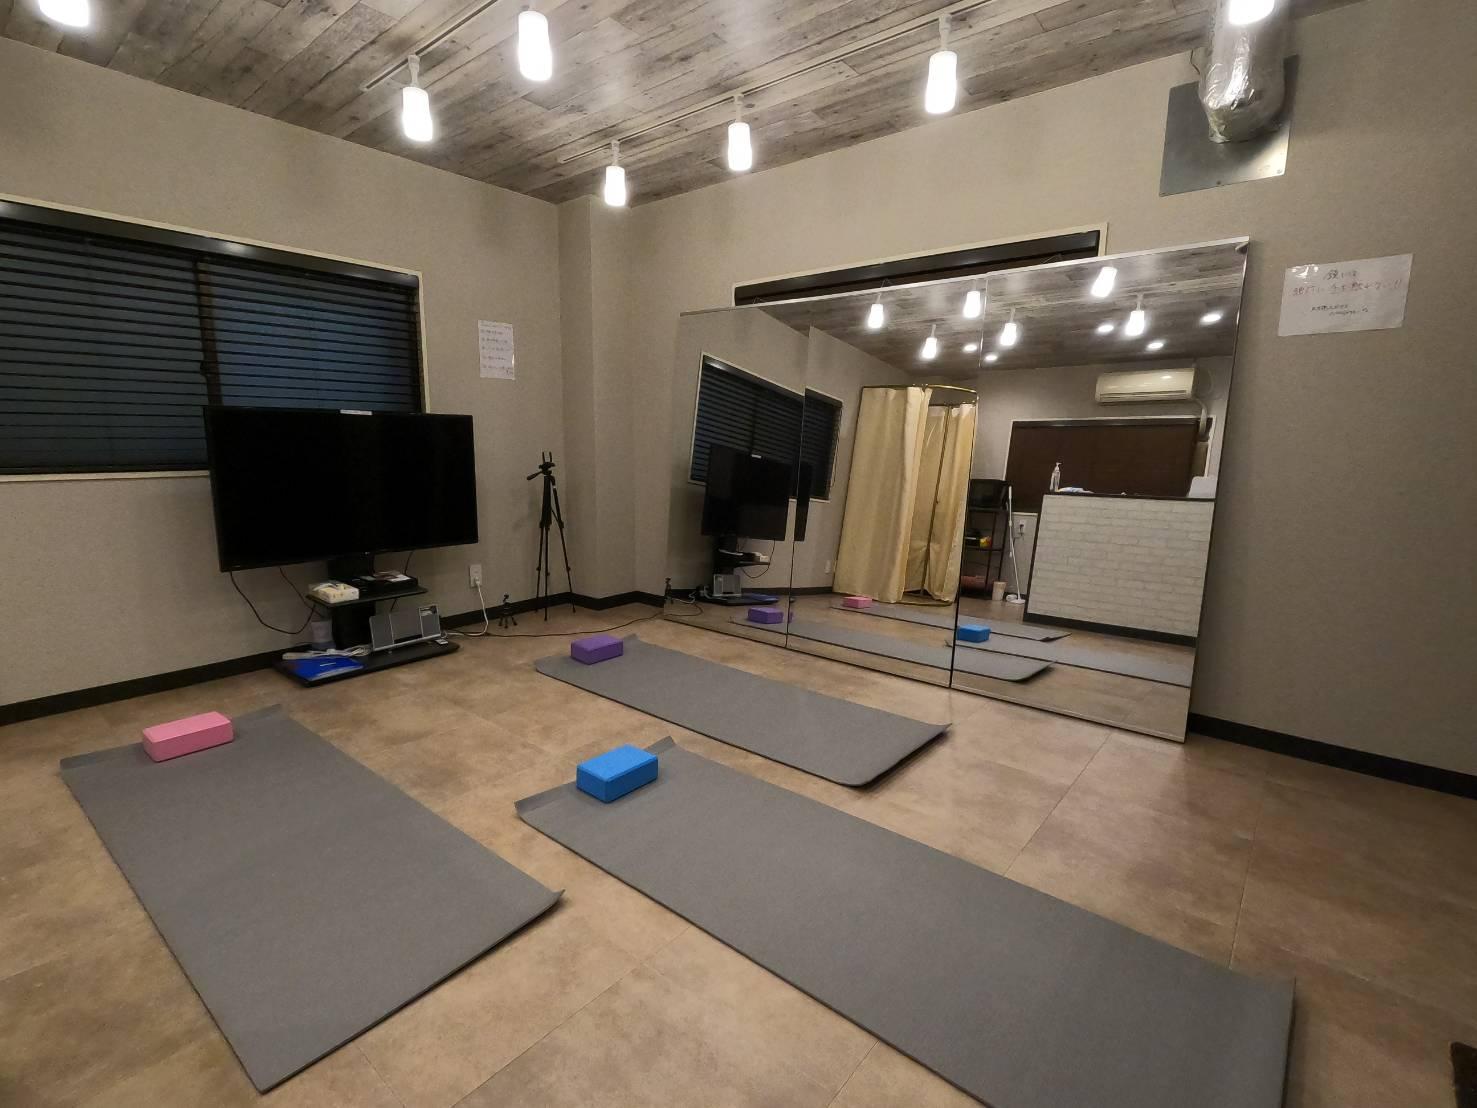 ヨガマットやヨガブロックも無料で使える! - レンタルスタジオ フルス ヨガなどができるレンタルスタジオの室内の写真